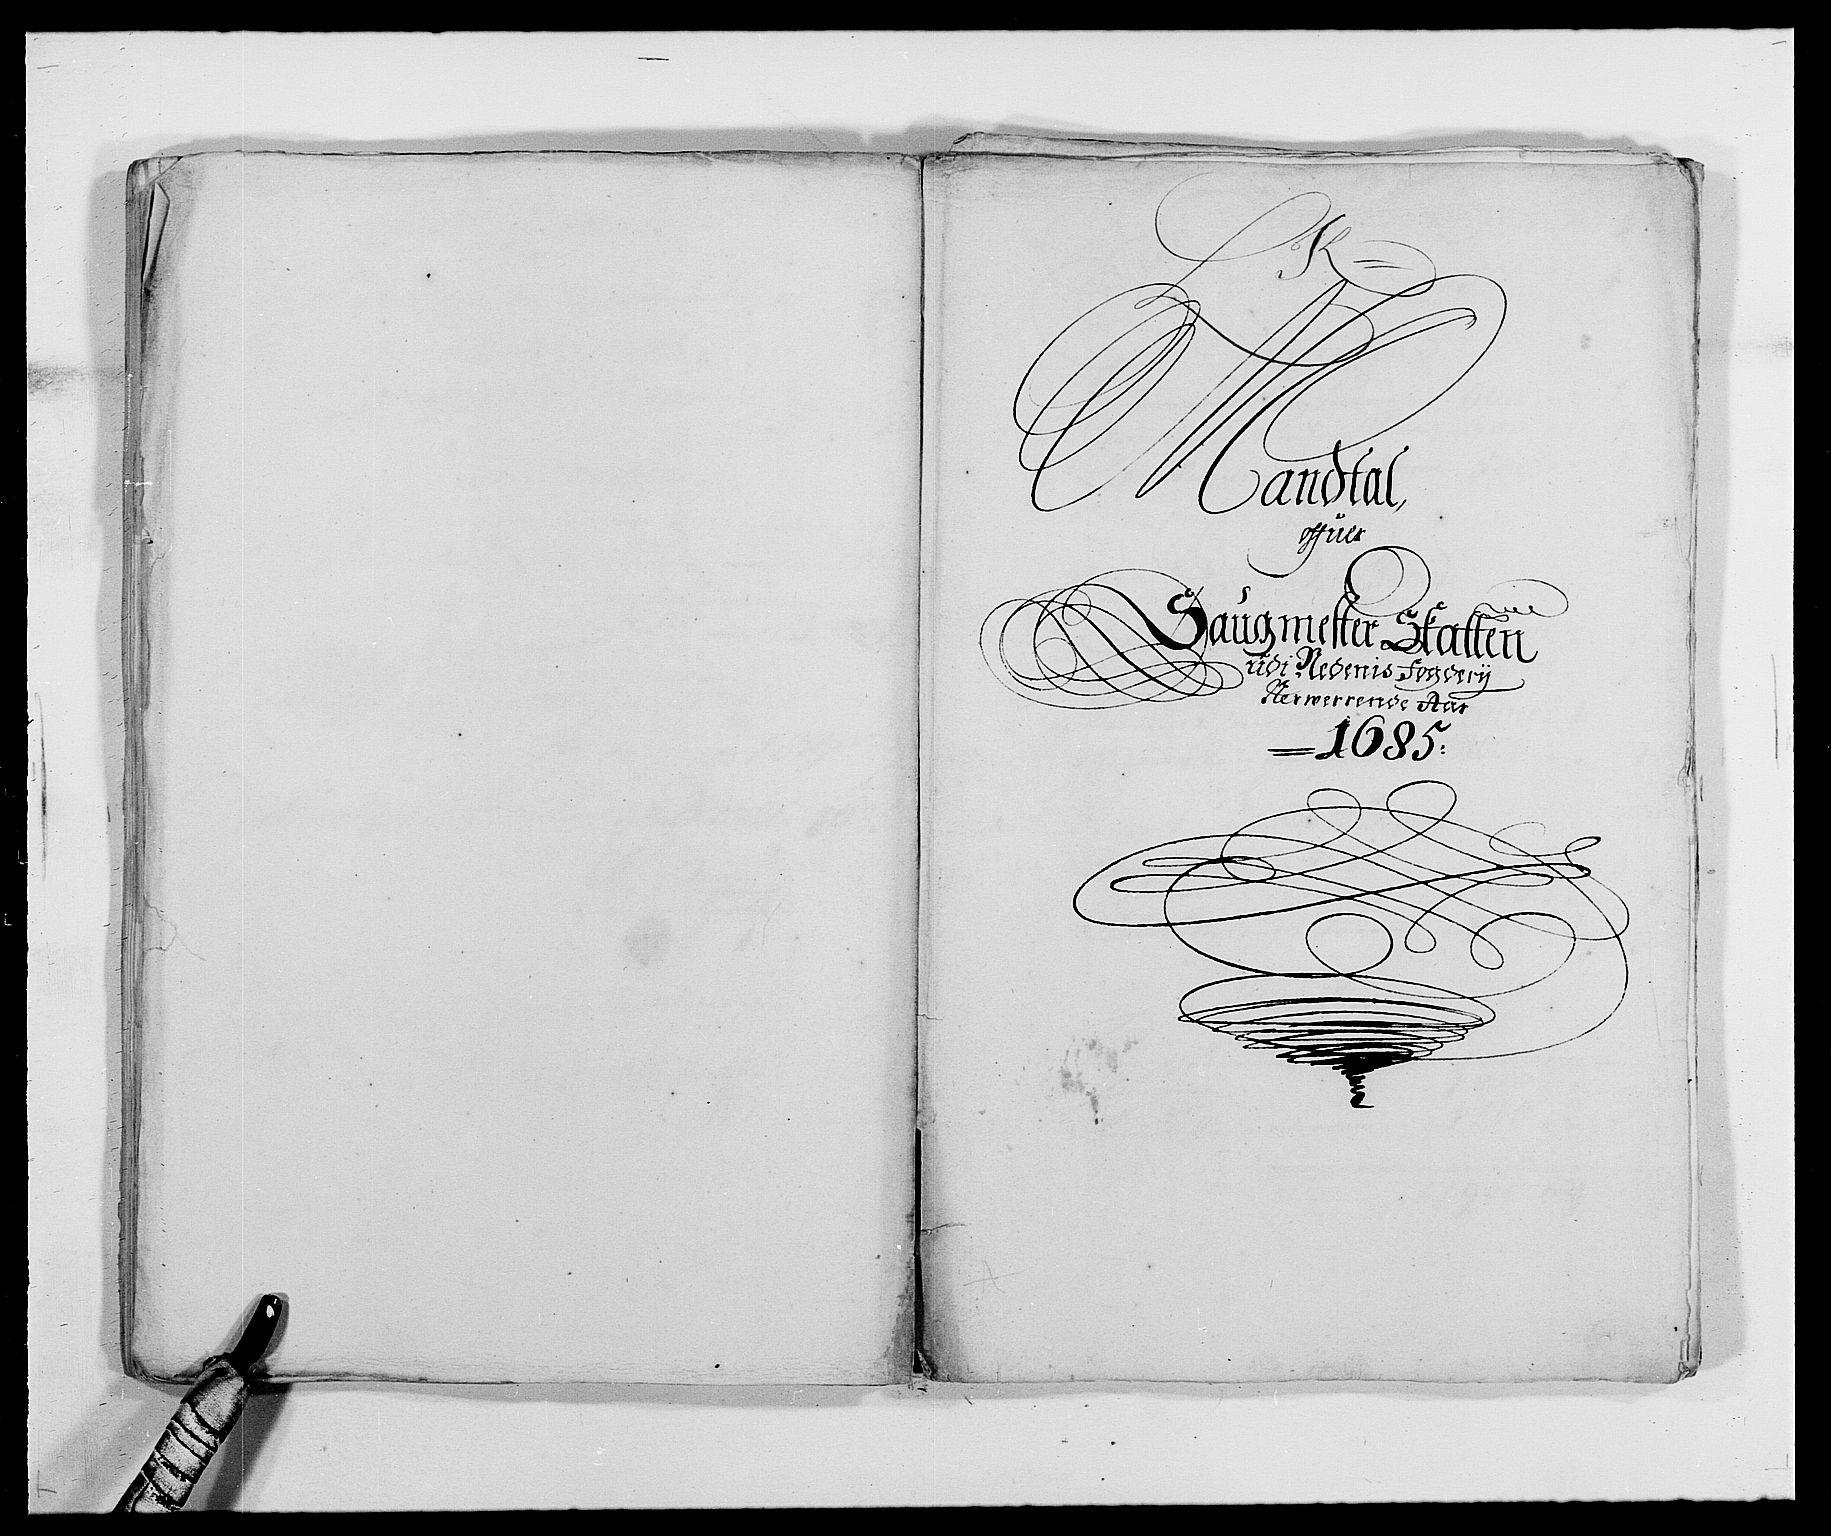 RA, Rentekammeret inntil 1814, Reviderte regnskaper, Fogderegnskap, R39/L2308: Fogderegnskap Nedenes, 1684-1689, s. 283